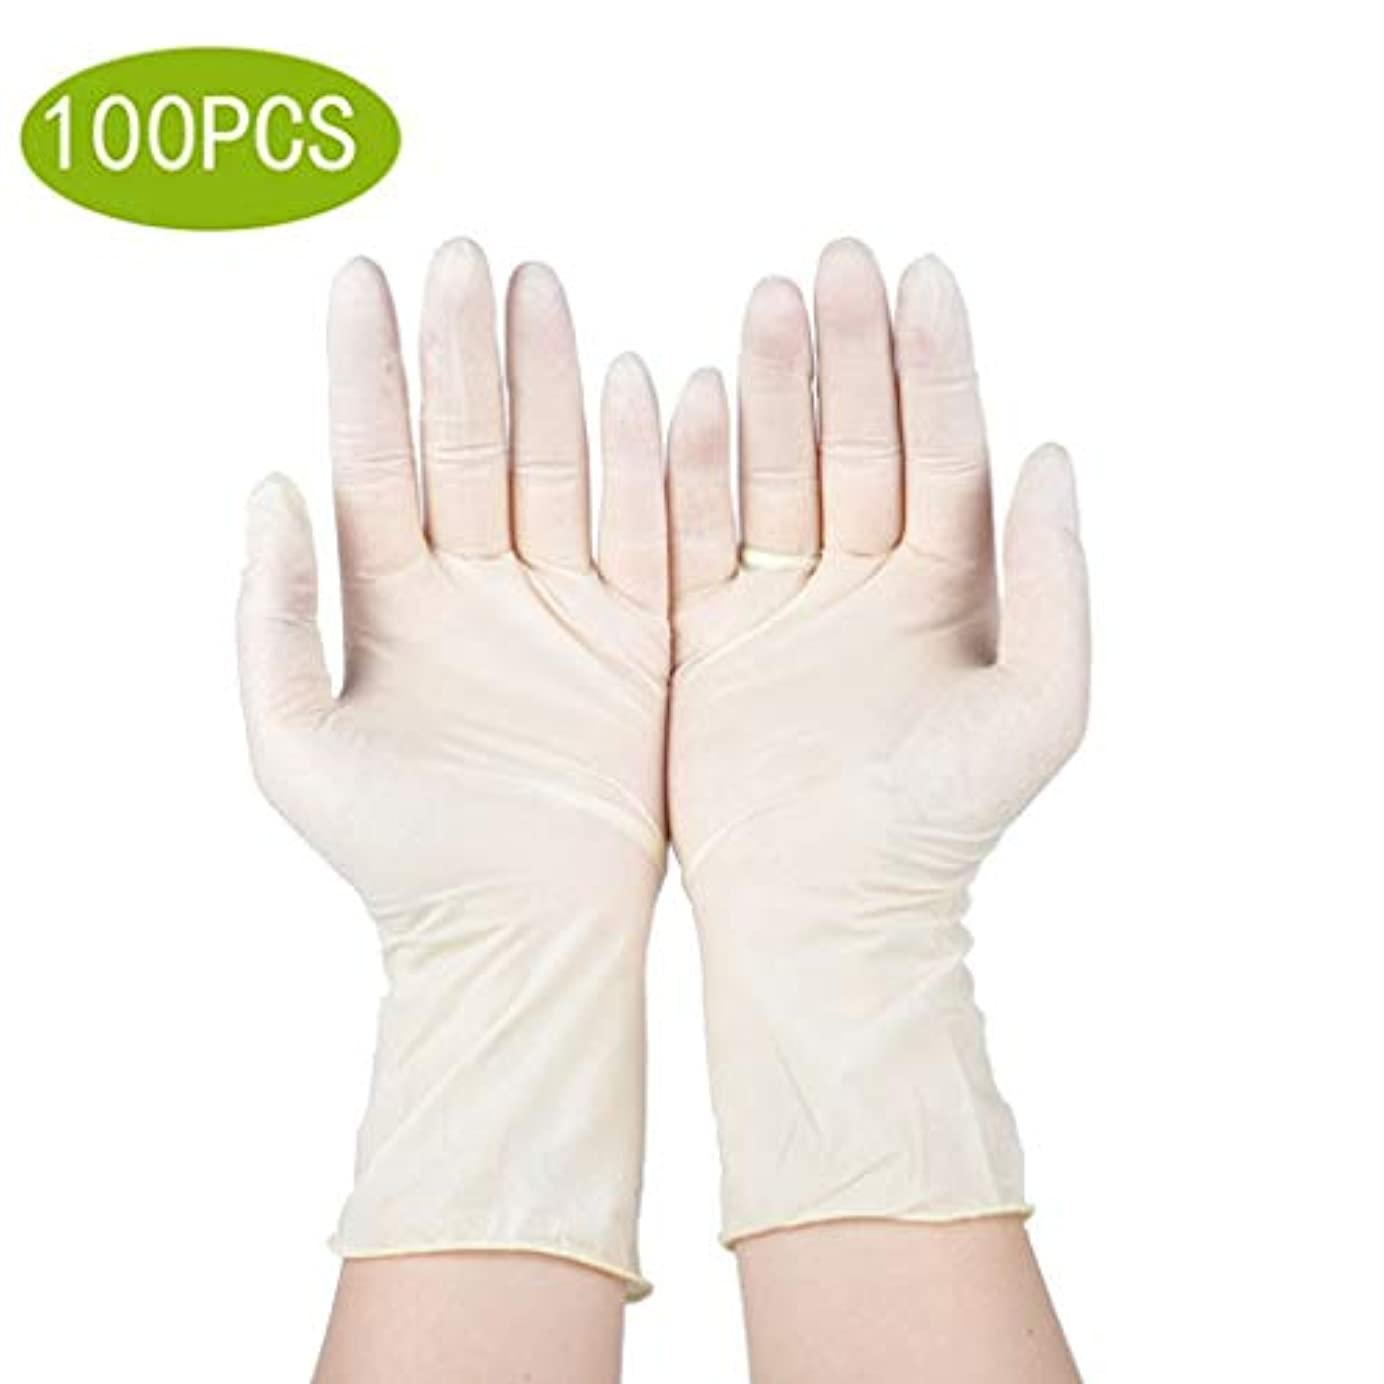 することになっている幼児酸度医療検査ラテックス手袋|3ミル厚、ミディアムボックス100パウダーフリー、無菌、頑丈な試験用手袋|病院のための専門の等級、法執行機関、食糧売り手 (Color : Beige, Size : L)